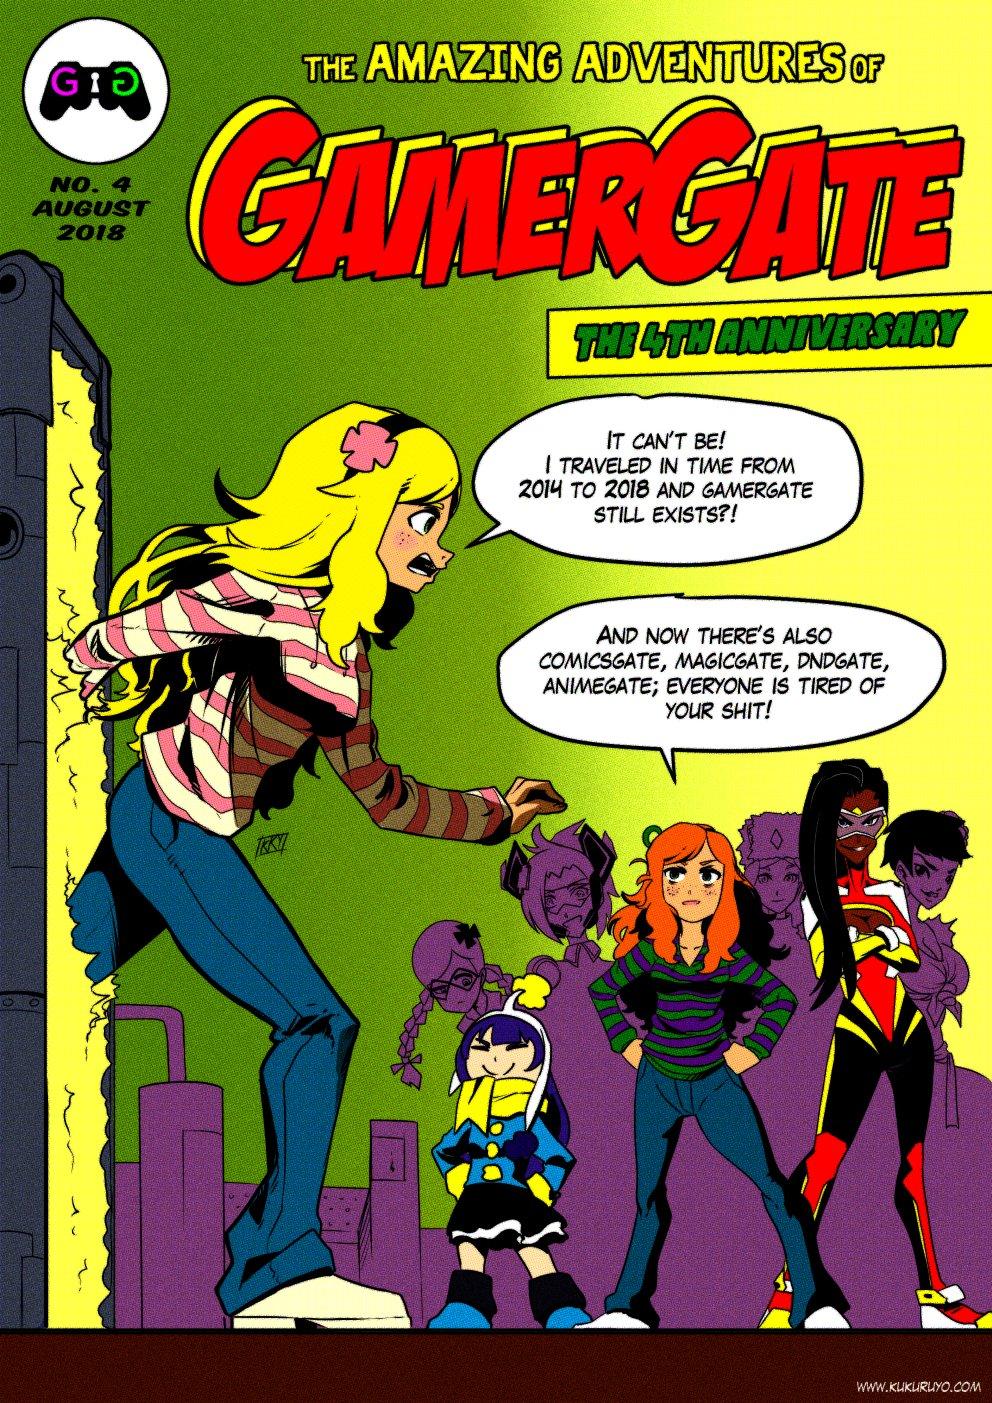 Gamergate 4th anniversary